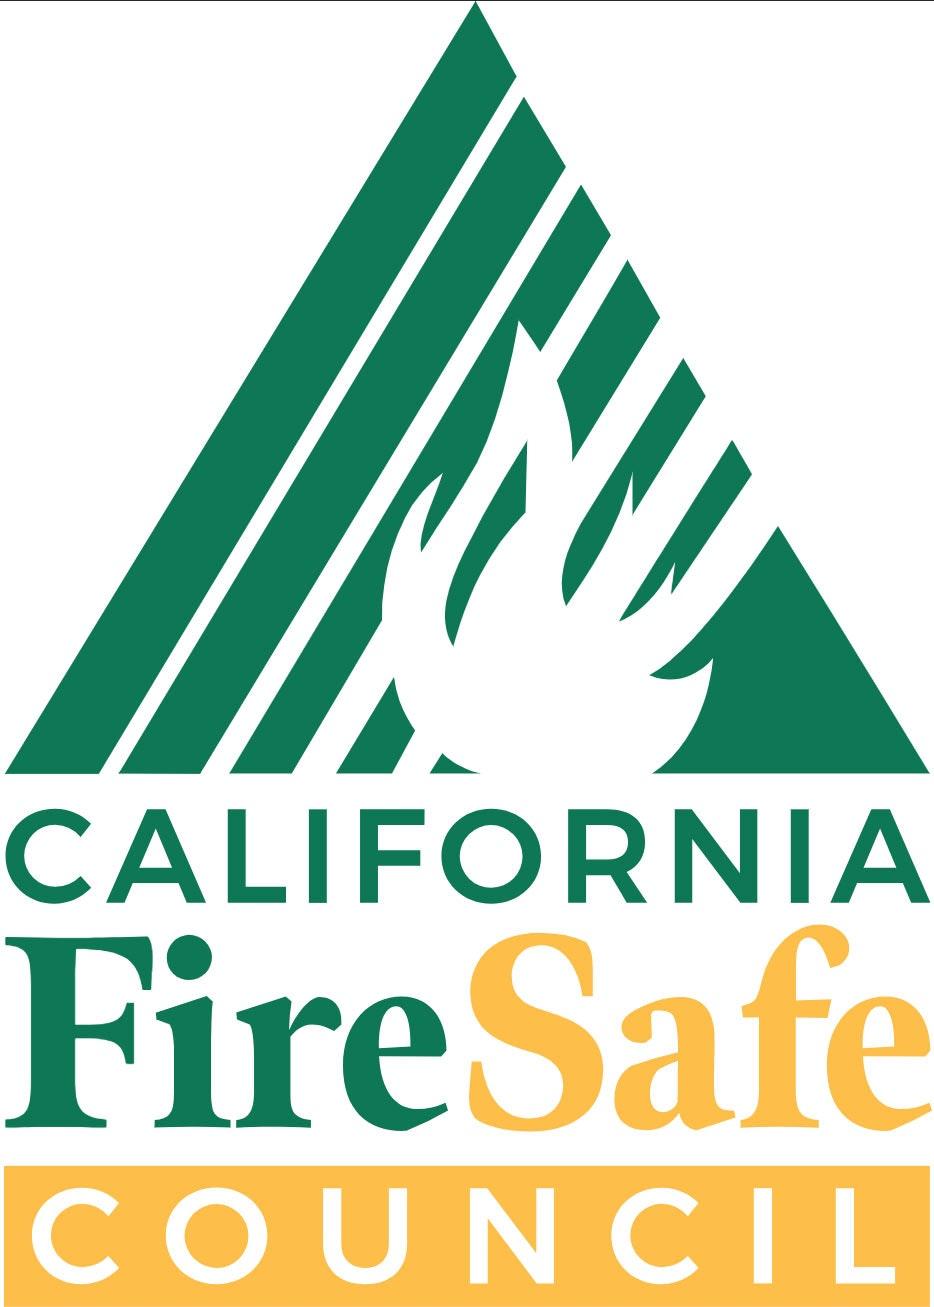 California Fire Safe Council logo